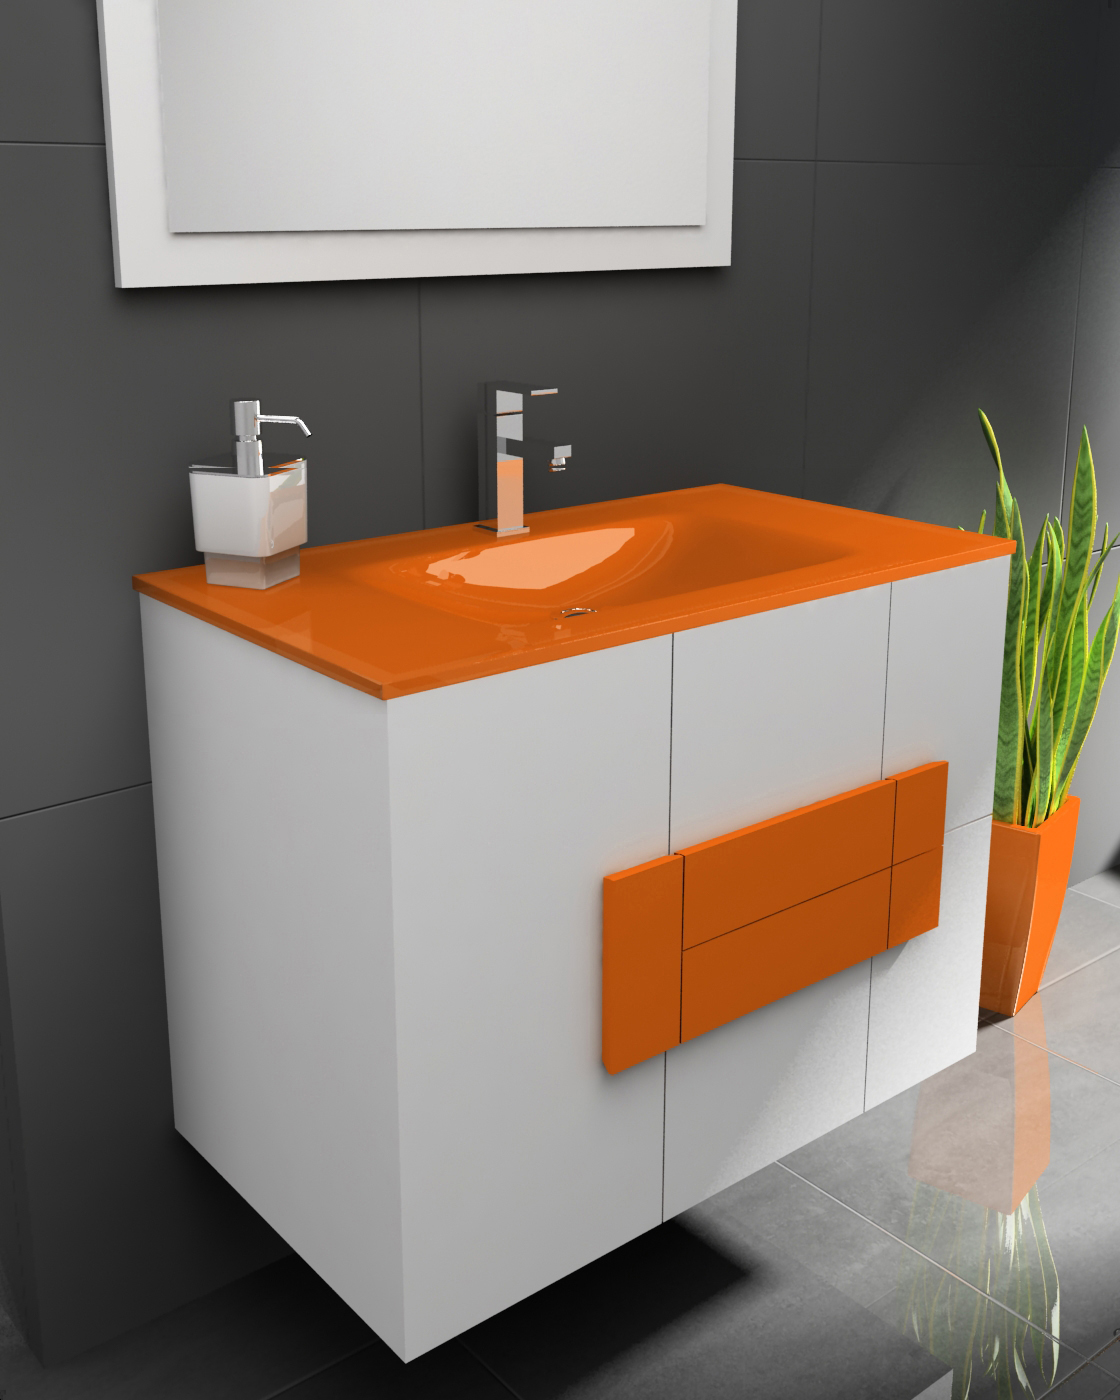 Mueble muebles de ba o naranja galer a de fotos de for Muebles de bano con lavabo baratos